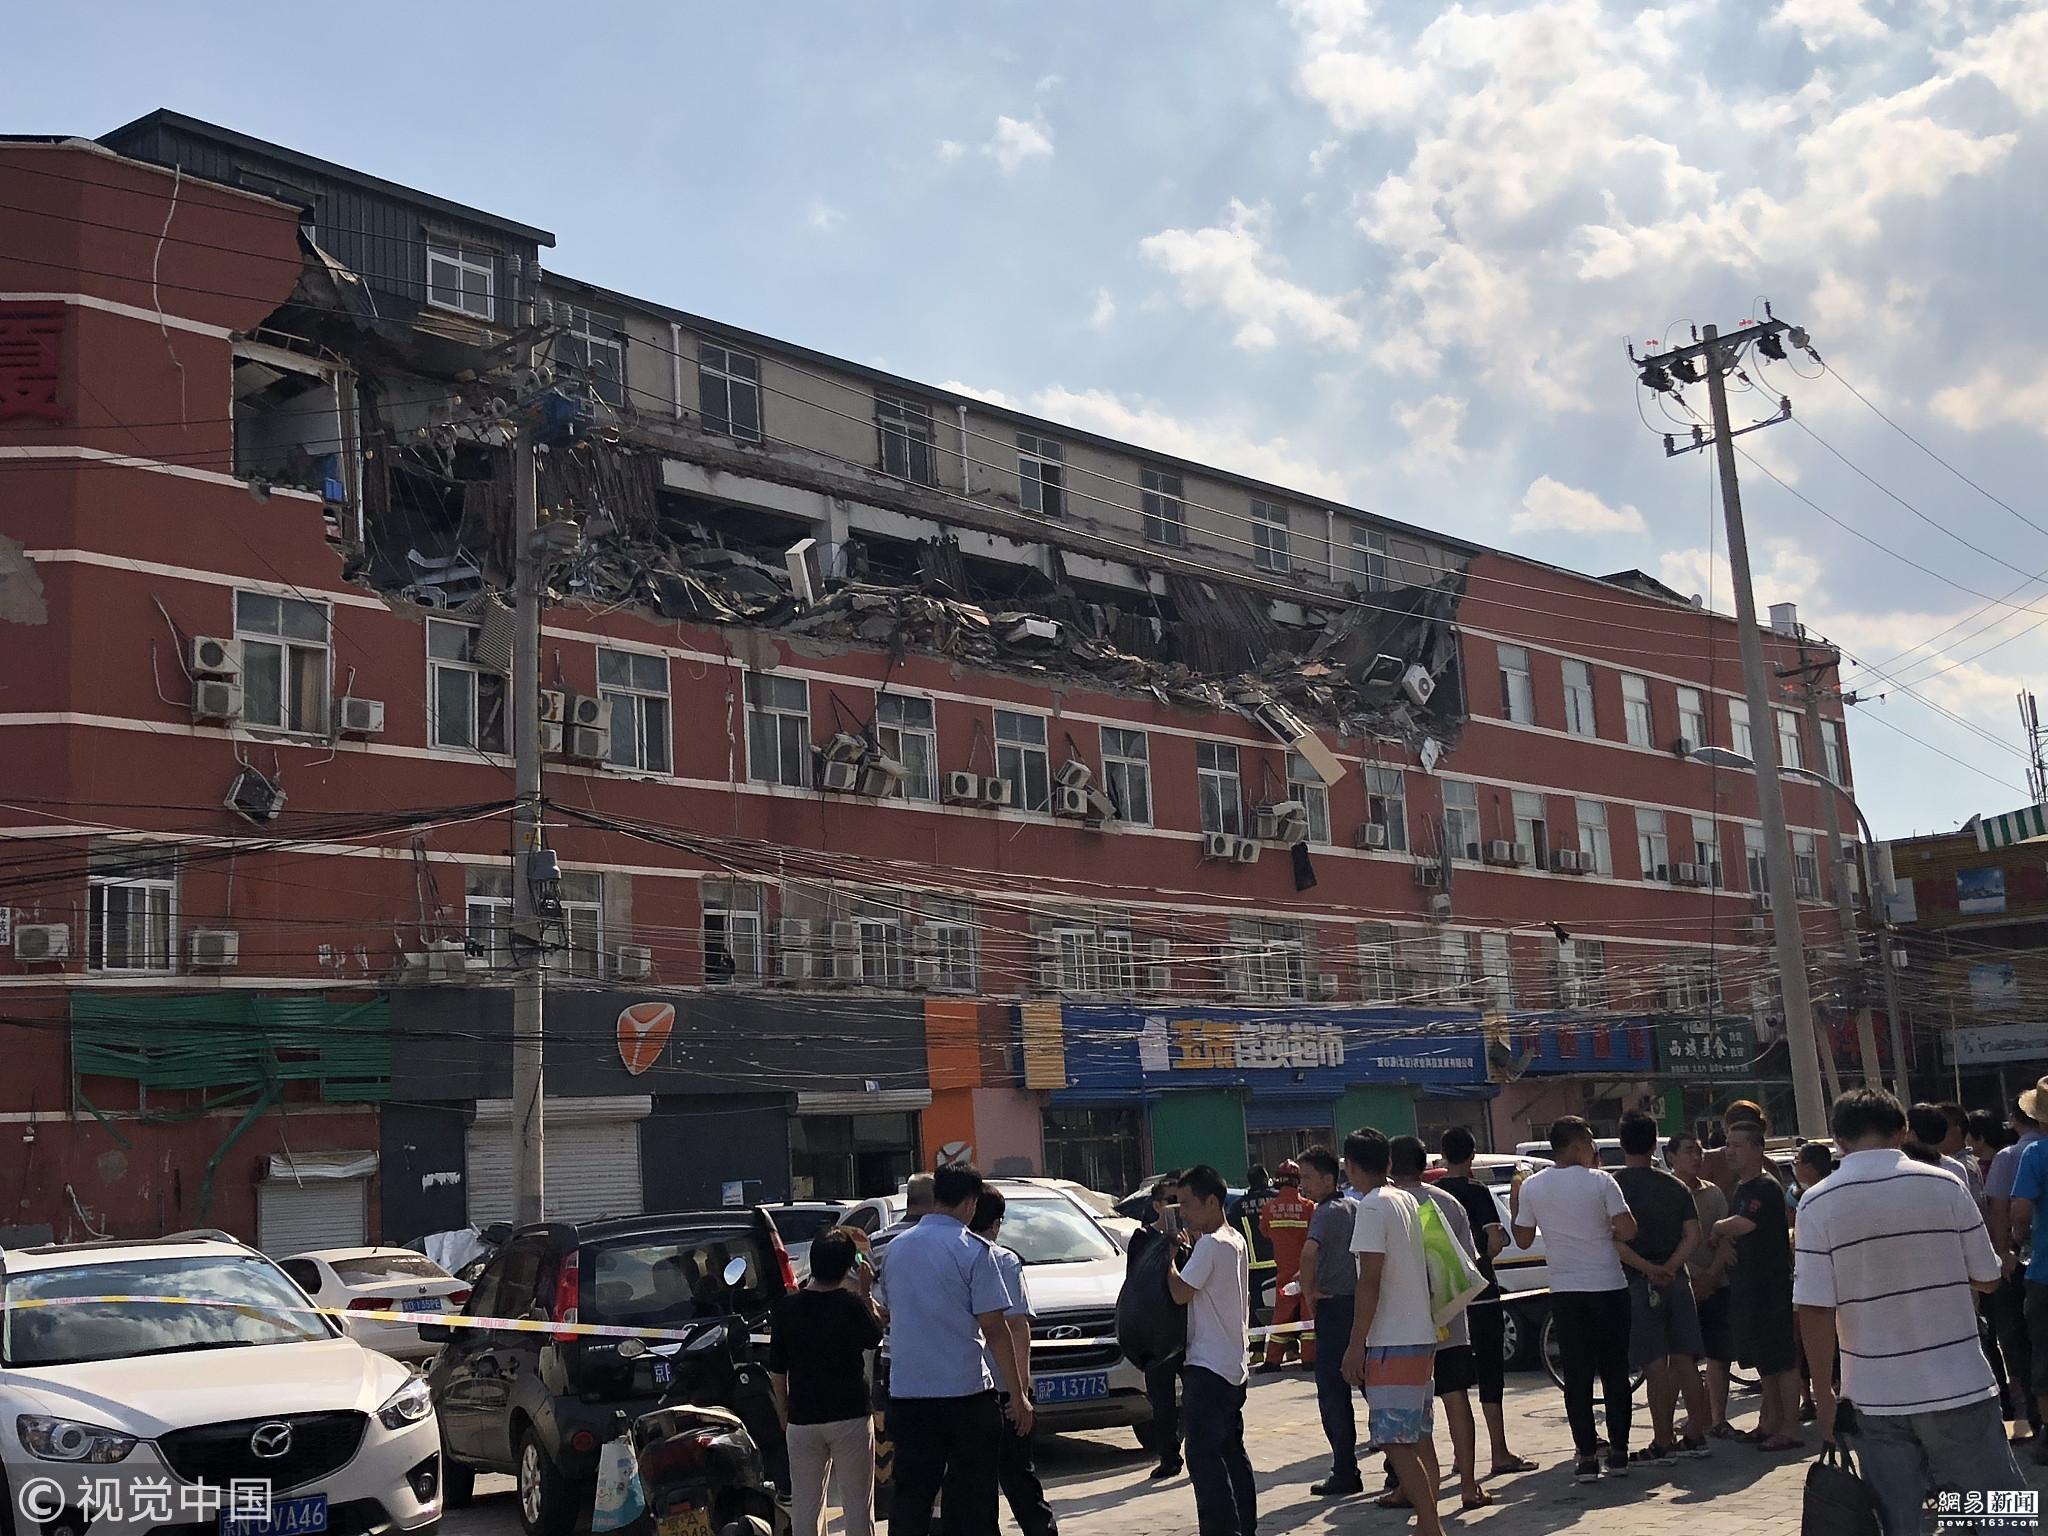 北京丰台顺和大厦顶层坍塌 多辆汽车被砸! - 周公乐 - xinhua8848 的博客